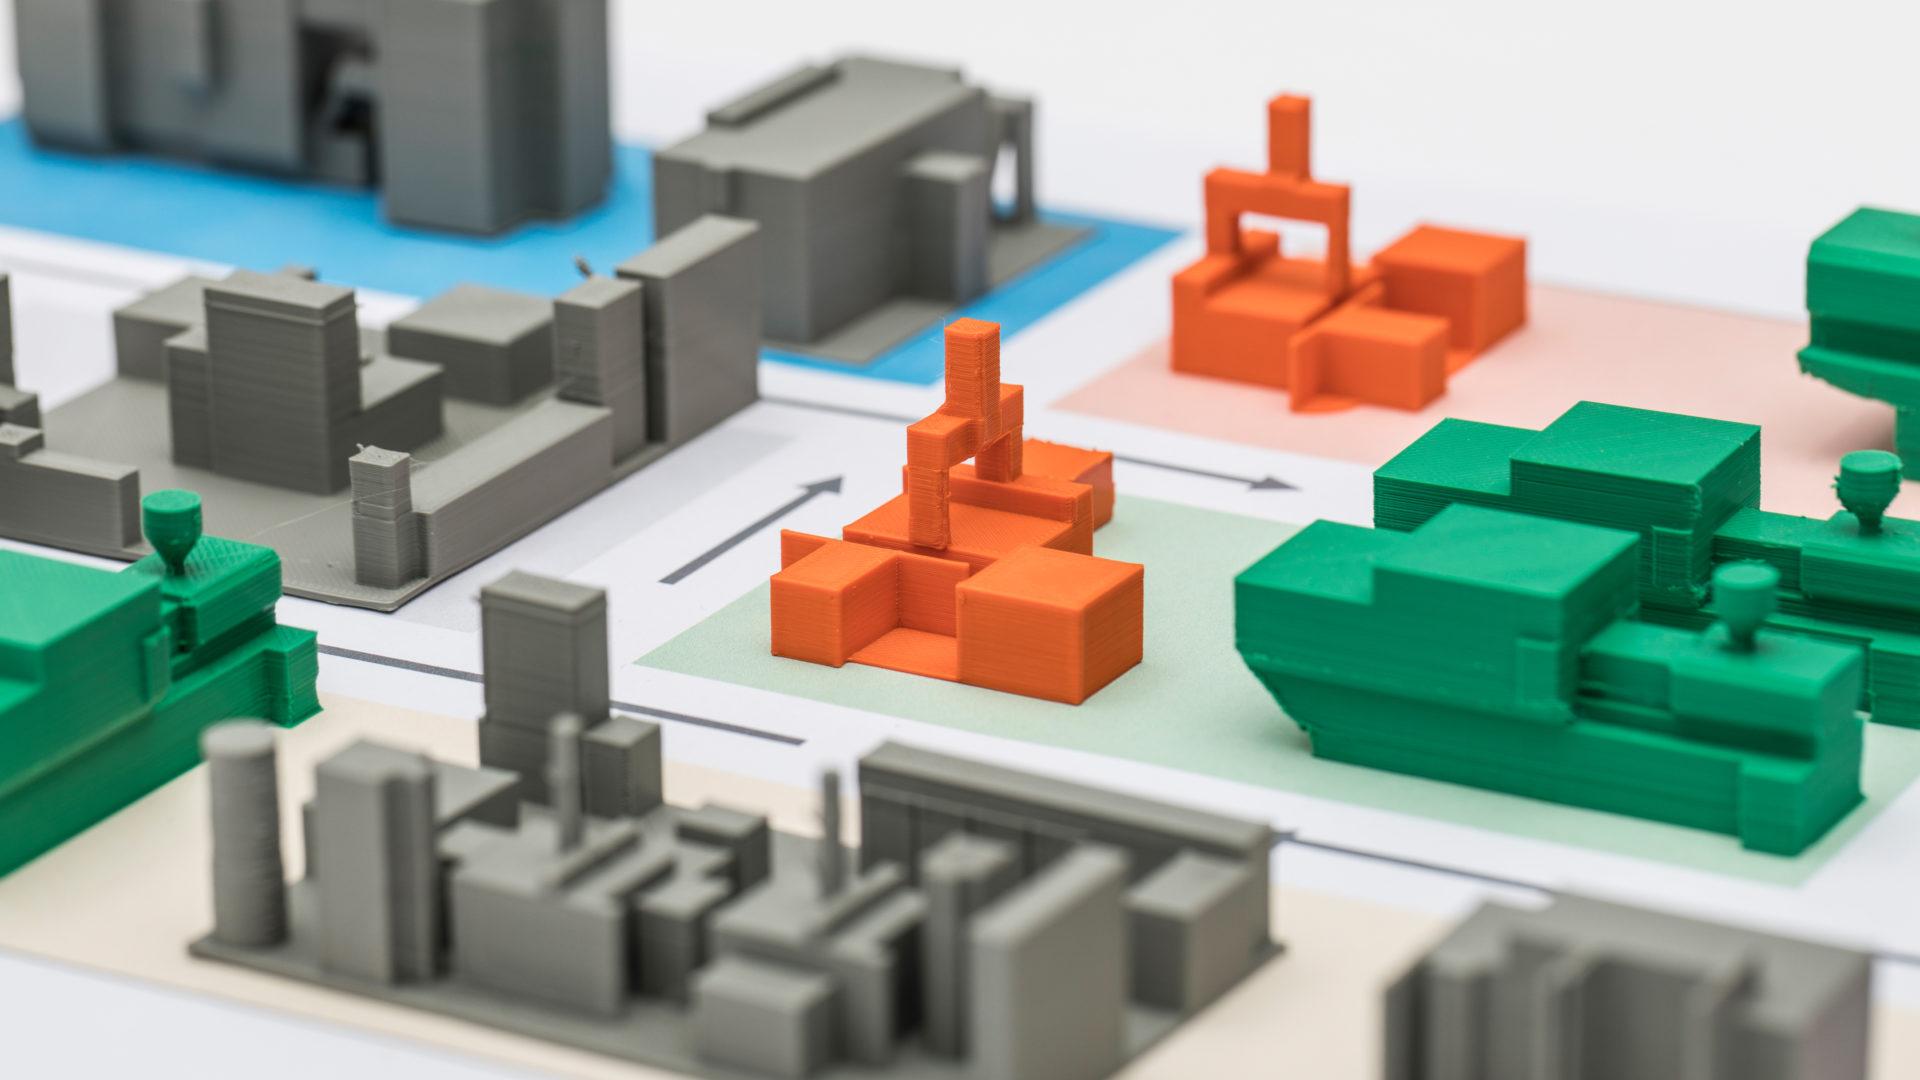 Modell einer Fabrik